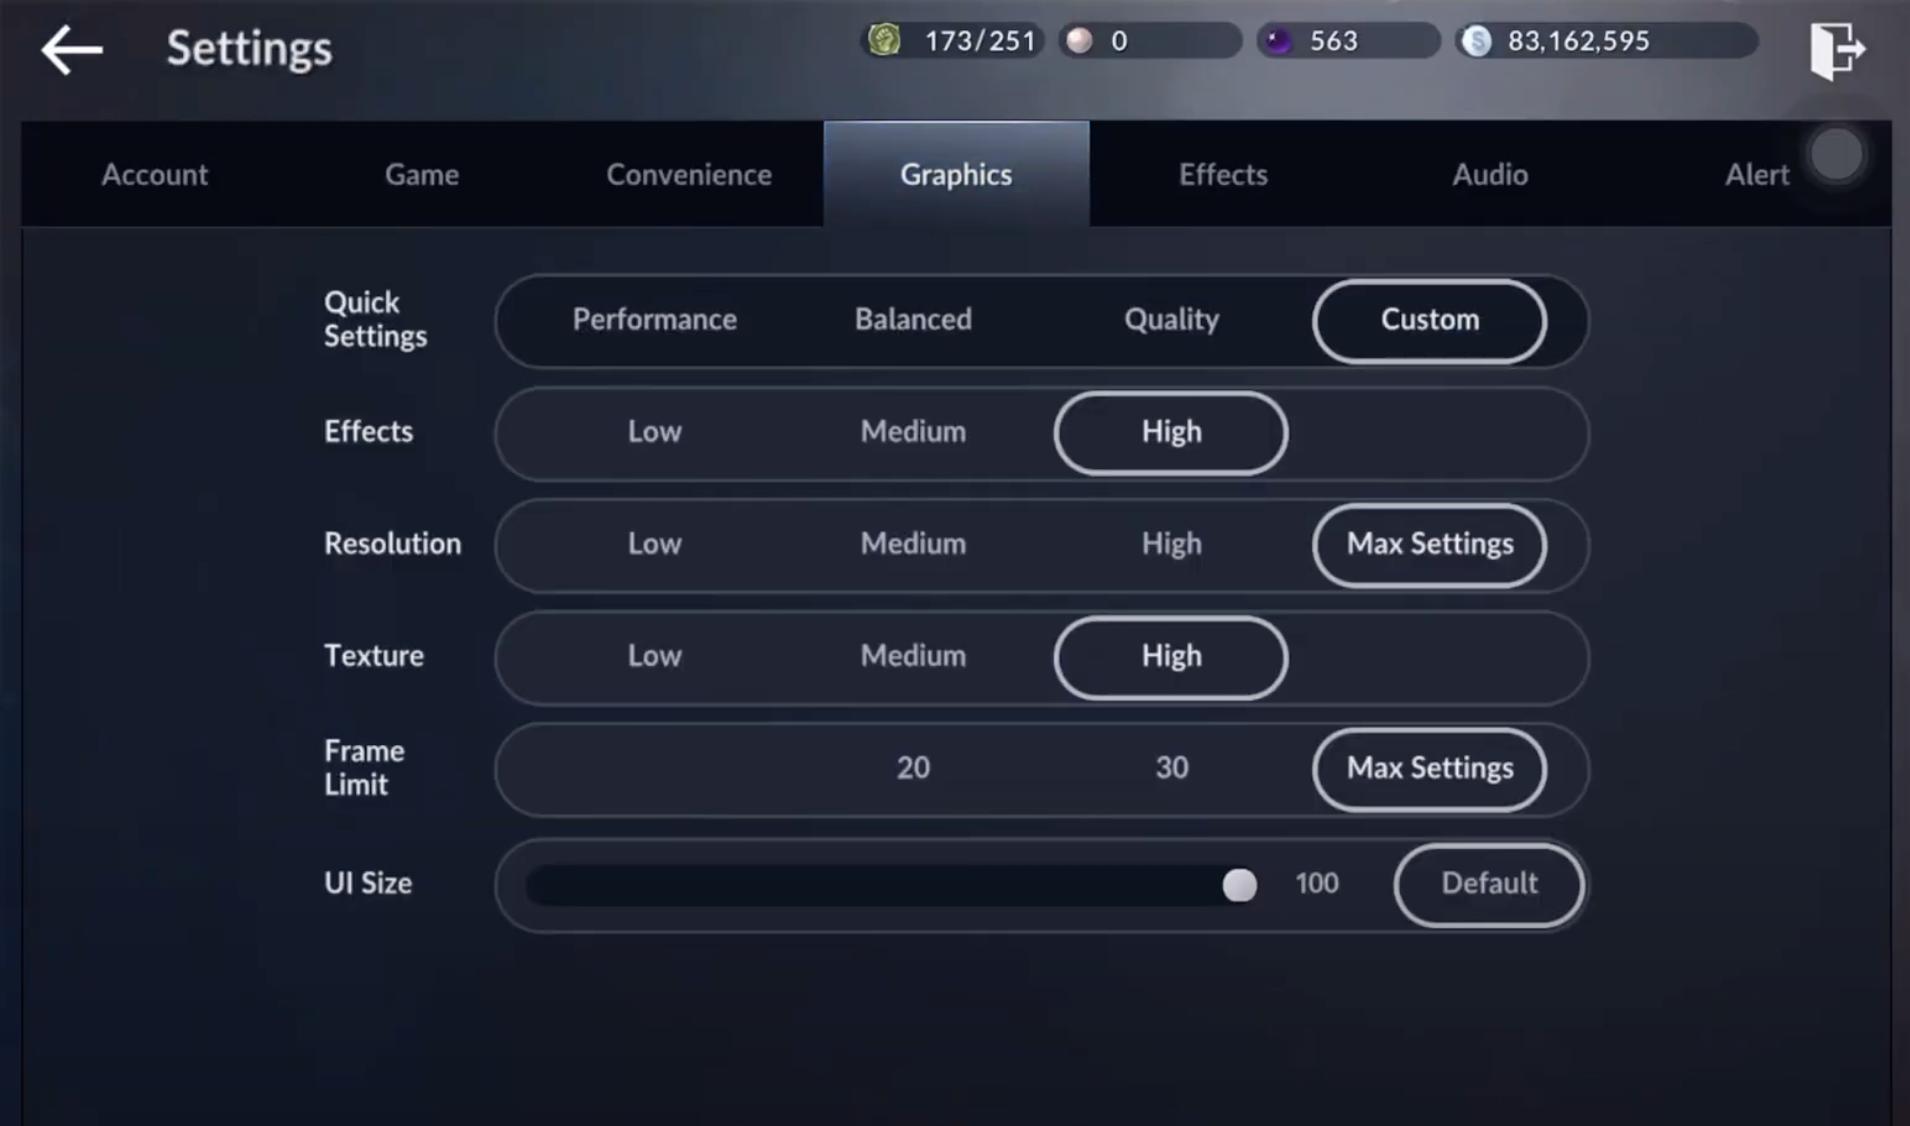 Vào settings và chọn Custom: Max Settings như trên.